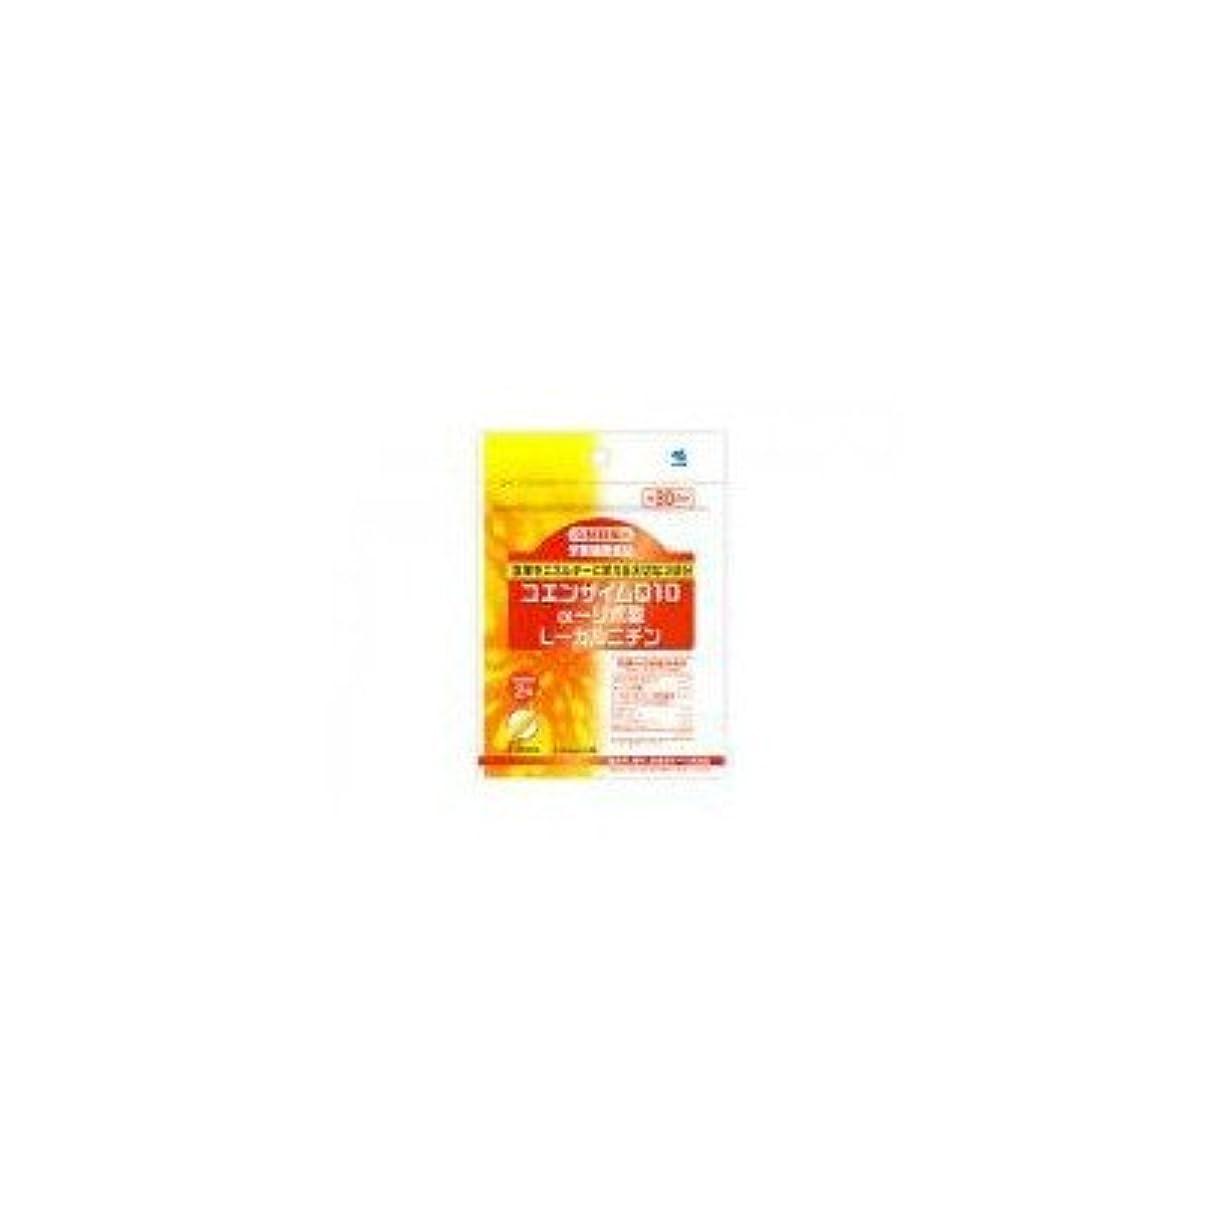 消去マキシムじゃない小林製薬の栄養補助食品 コエンザイムQ10+αリポ酸+Lカルニチン(60粒 約30日分) 4セット